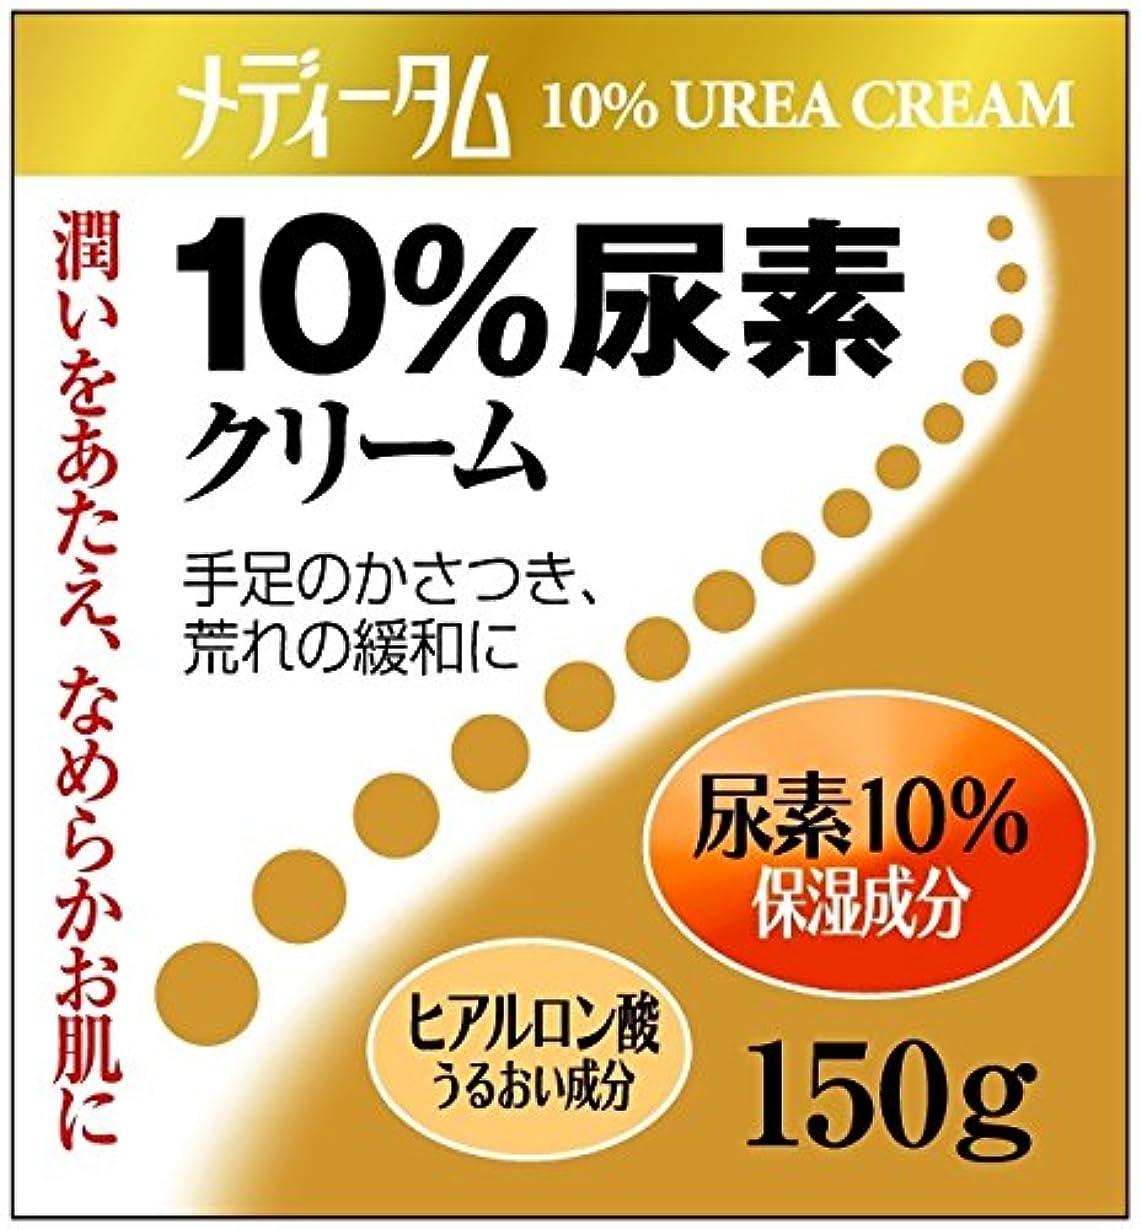 ラクール薬品販売 メディータム10%尿素C 150g